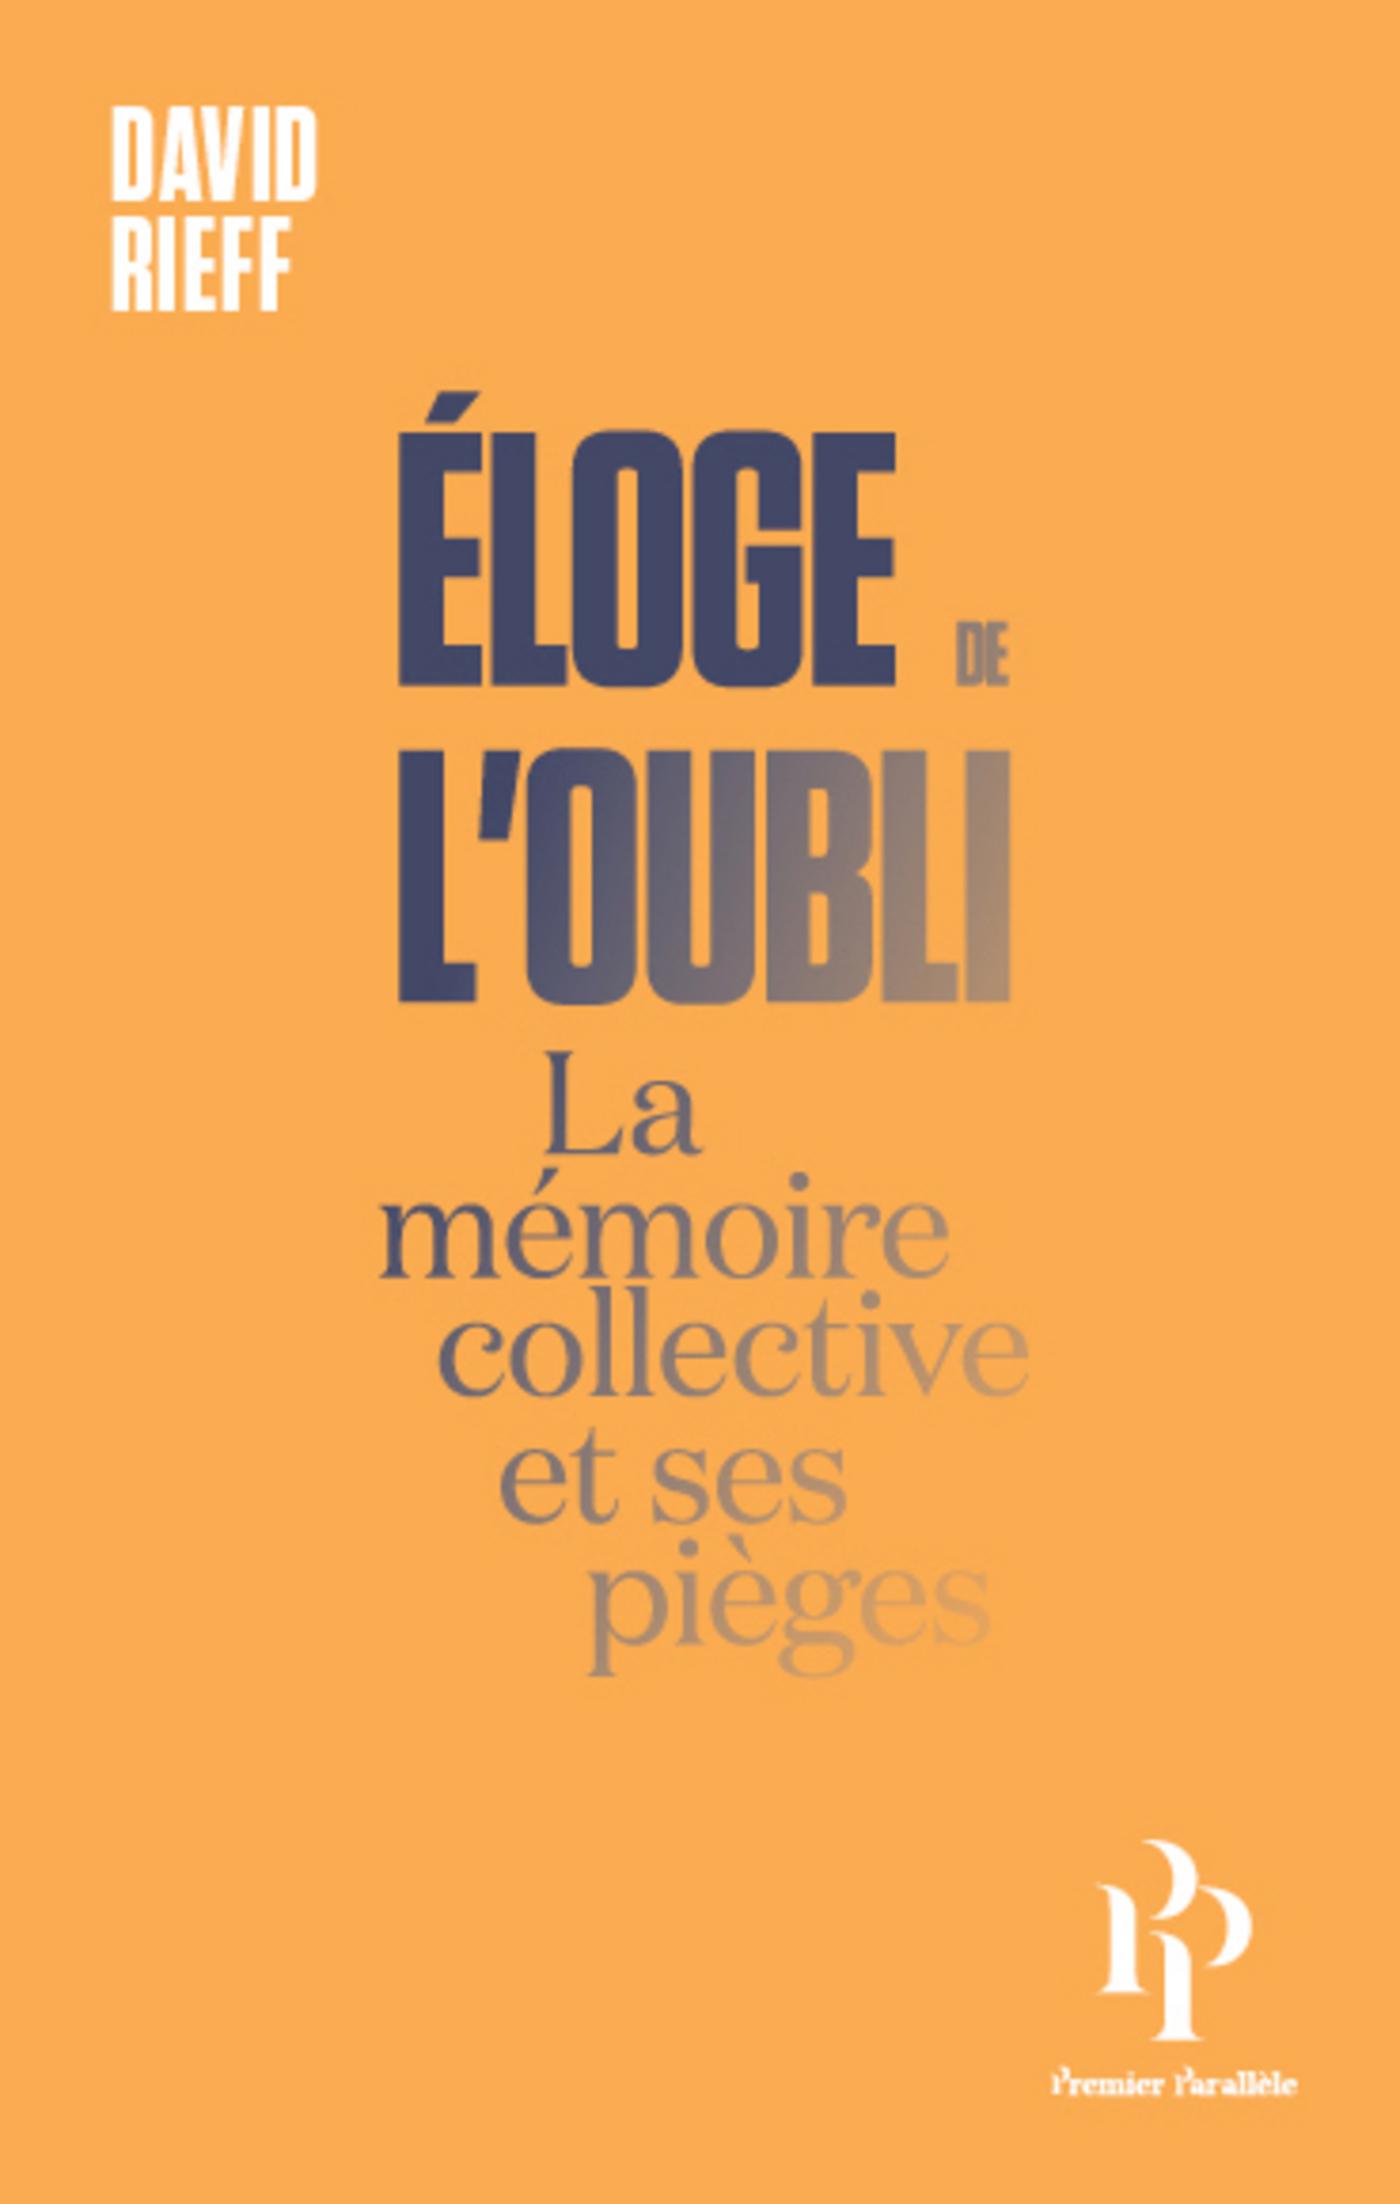 Eloge de l'oubli - La mémoire collective et ses pièges, La mémoire collective et ses pièges